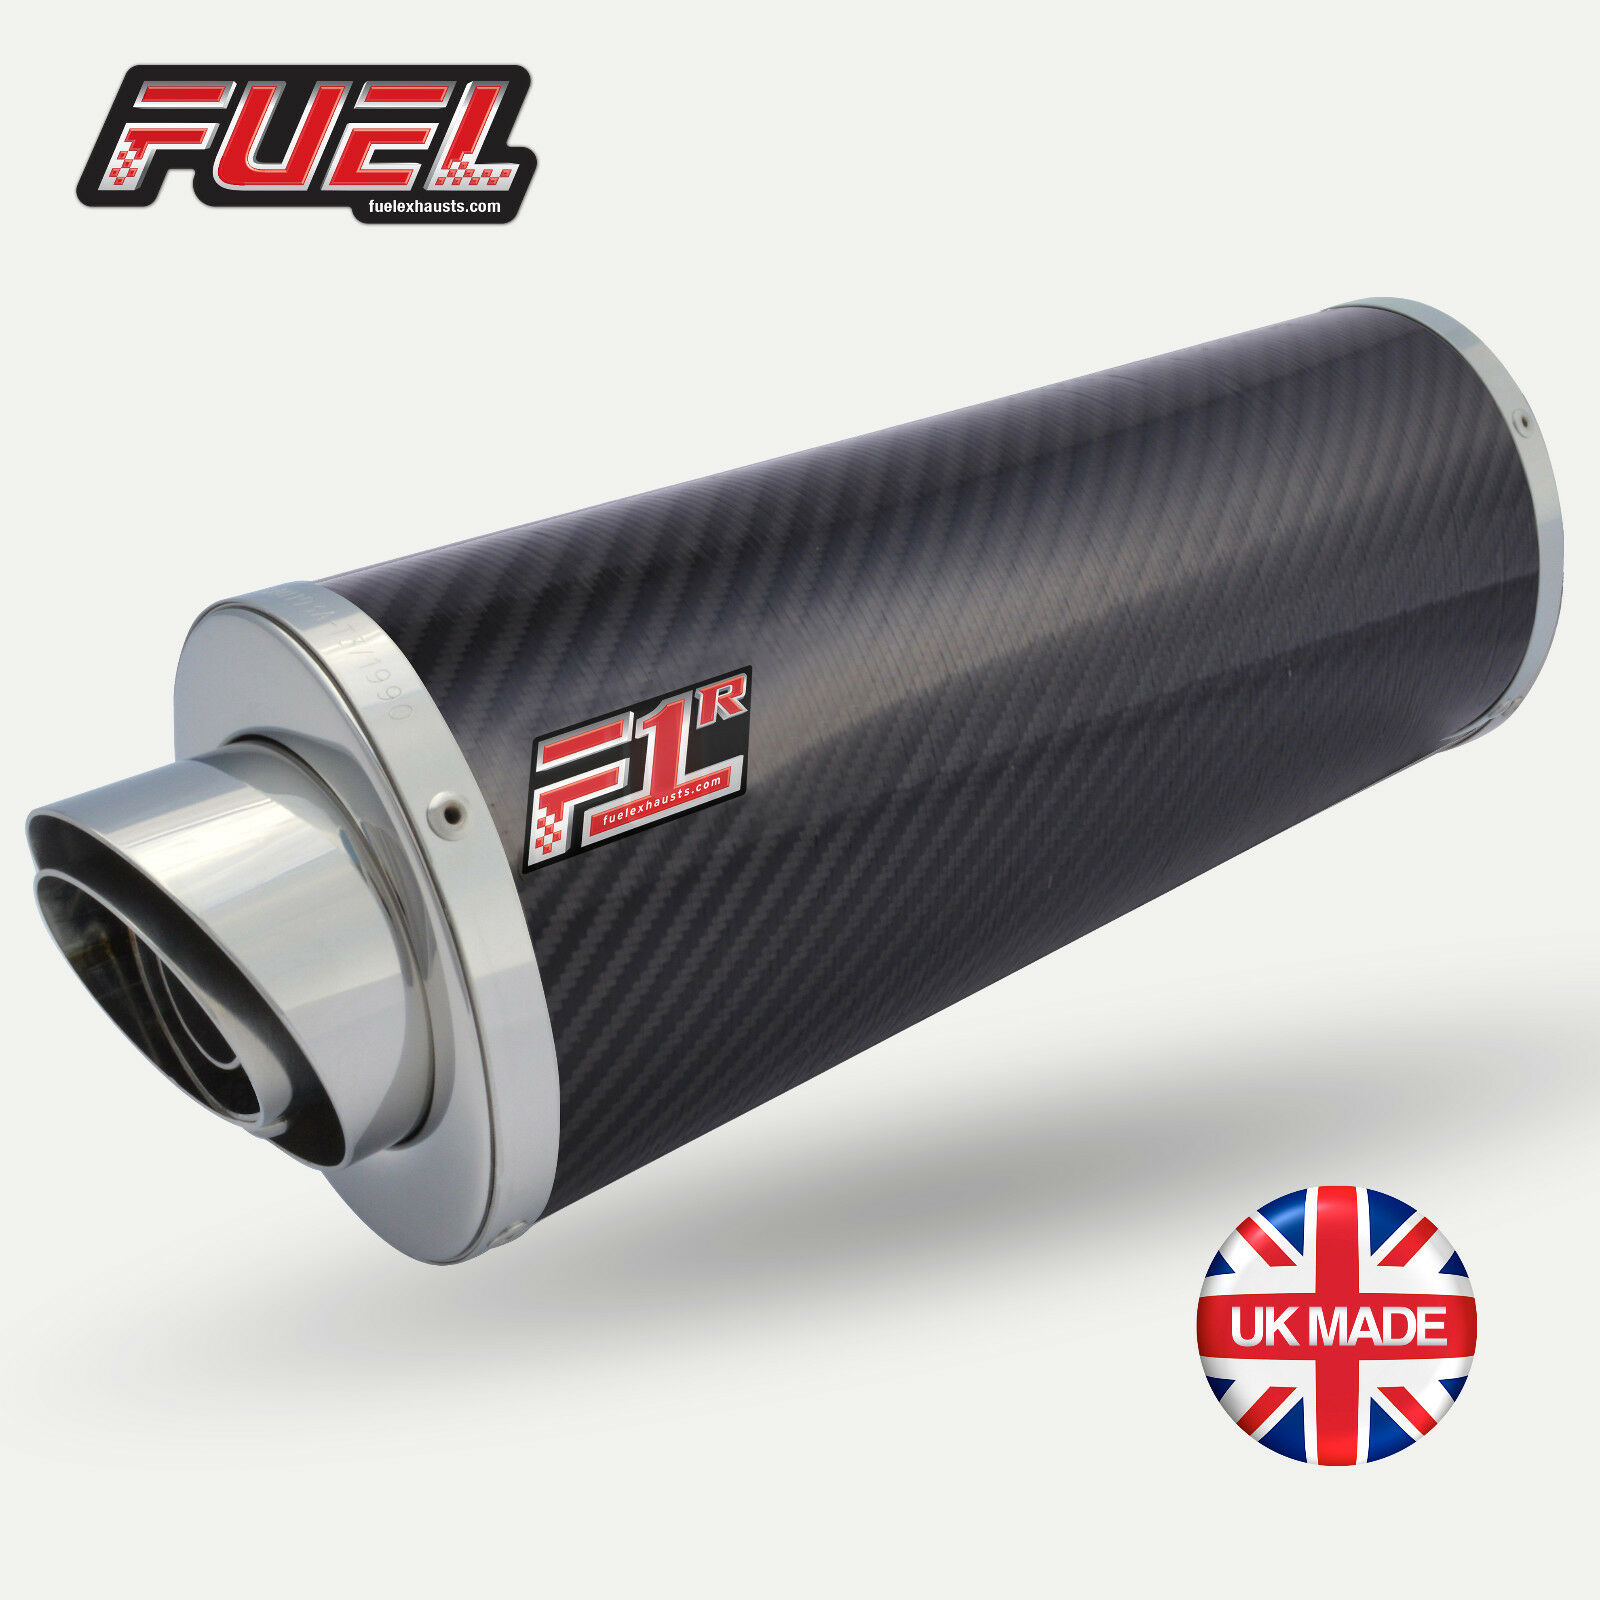 Cbf1000f   Gt 2011 + F1r Road Karbon Oval Mittel UK Straßenzulassung Auspuff +